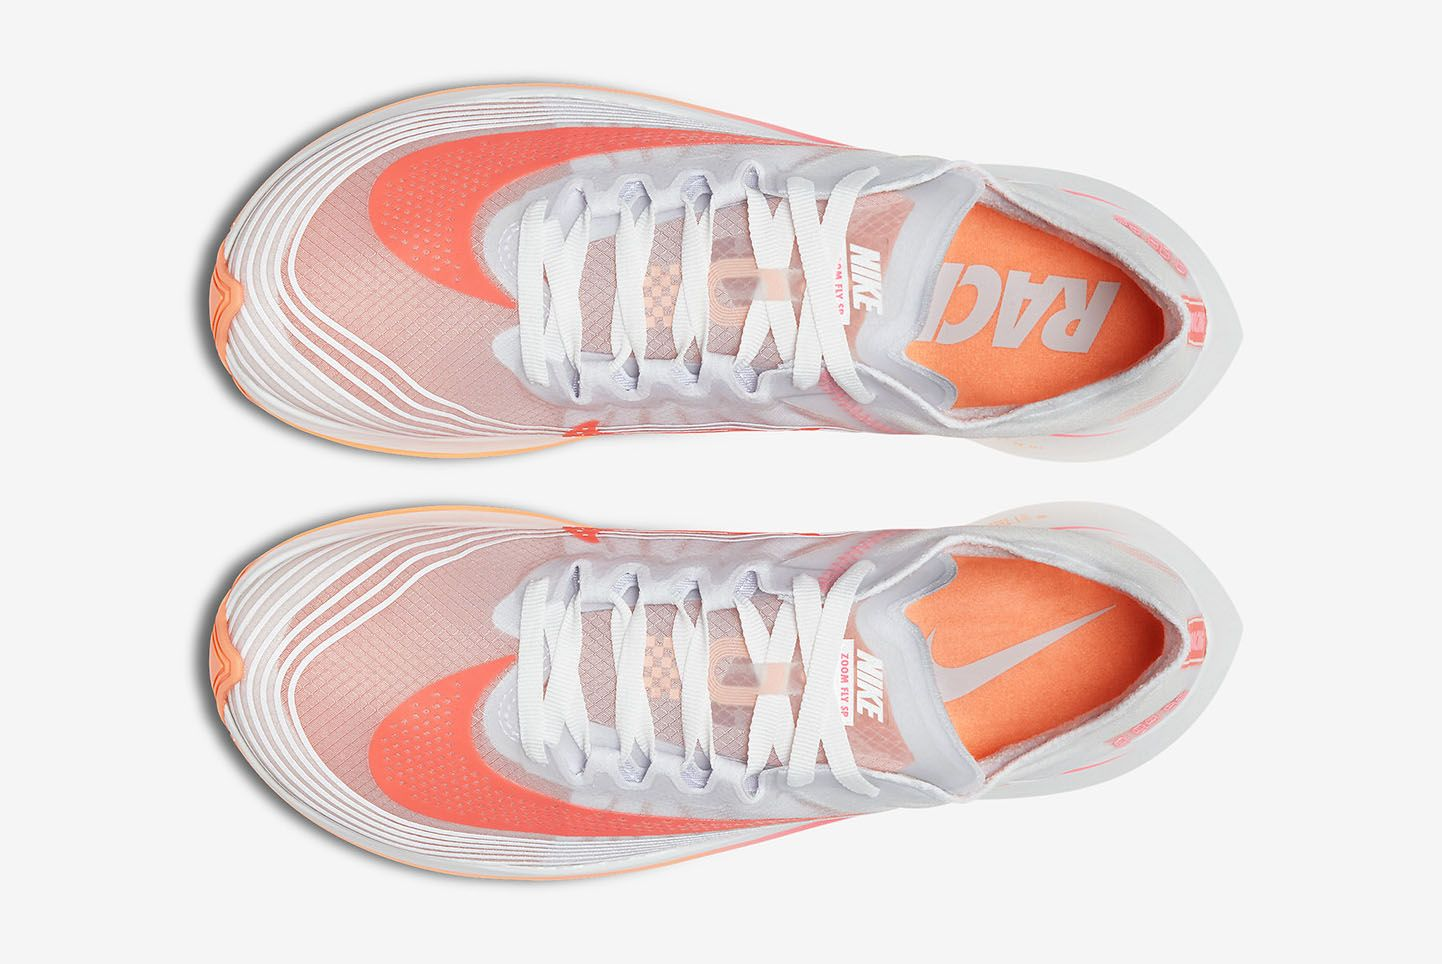 Nike Zoom Fly Sp Neon Orange Release Info 7 Sneaker Freaker